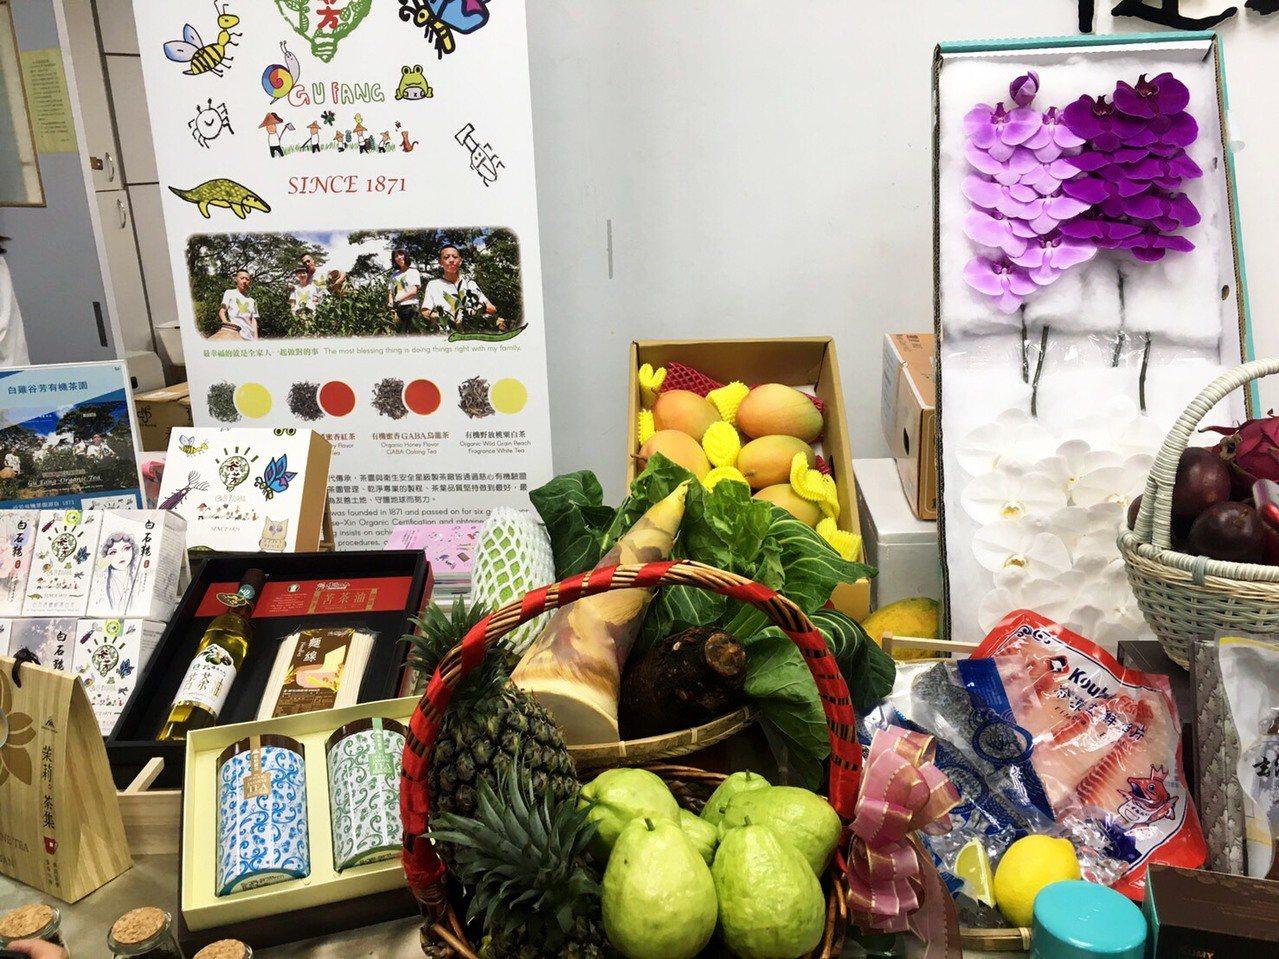 台灣蔬果甜度高、品質好,受到俄羅斯人喜愛。記者吳姿賢/攝影